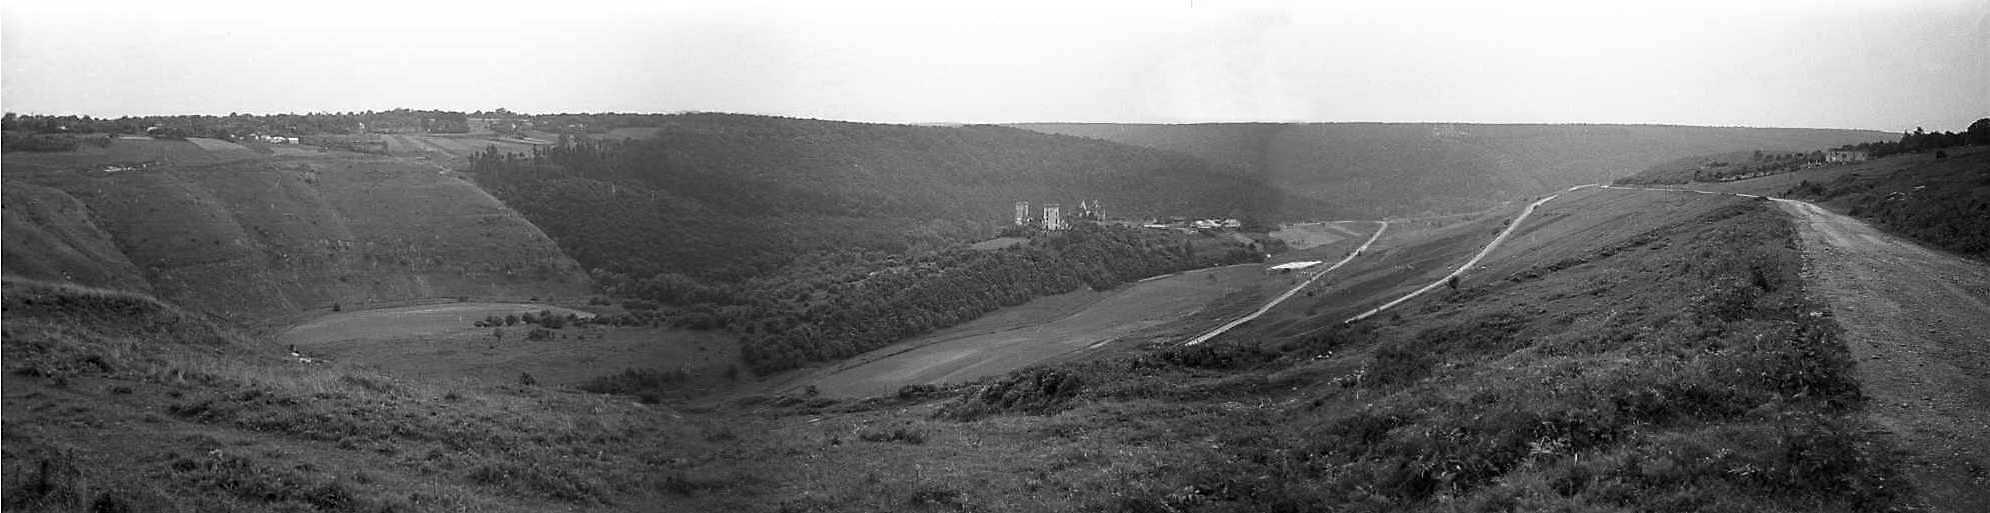 1988 р. Панорама долини з північного сходу